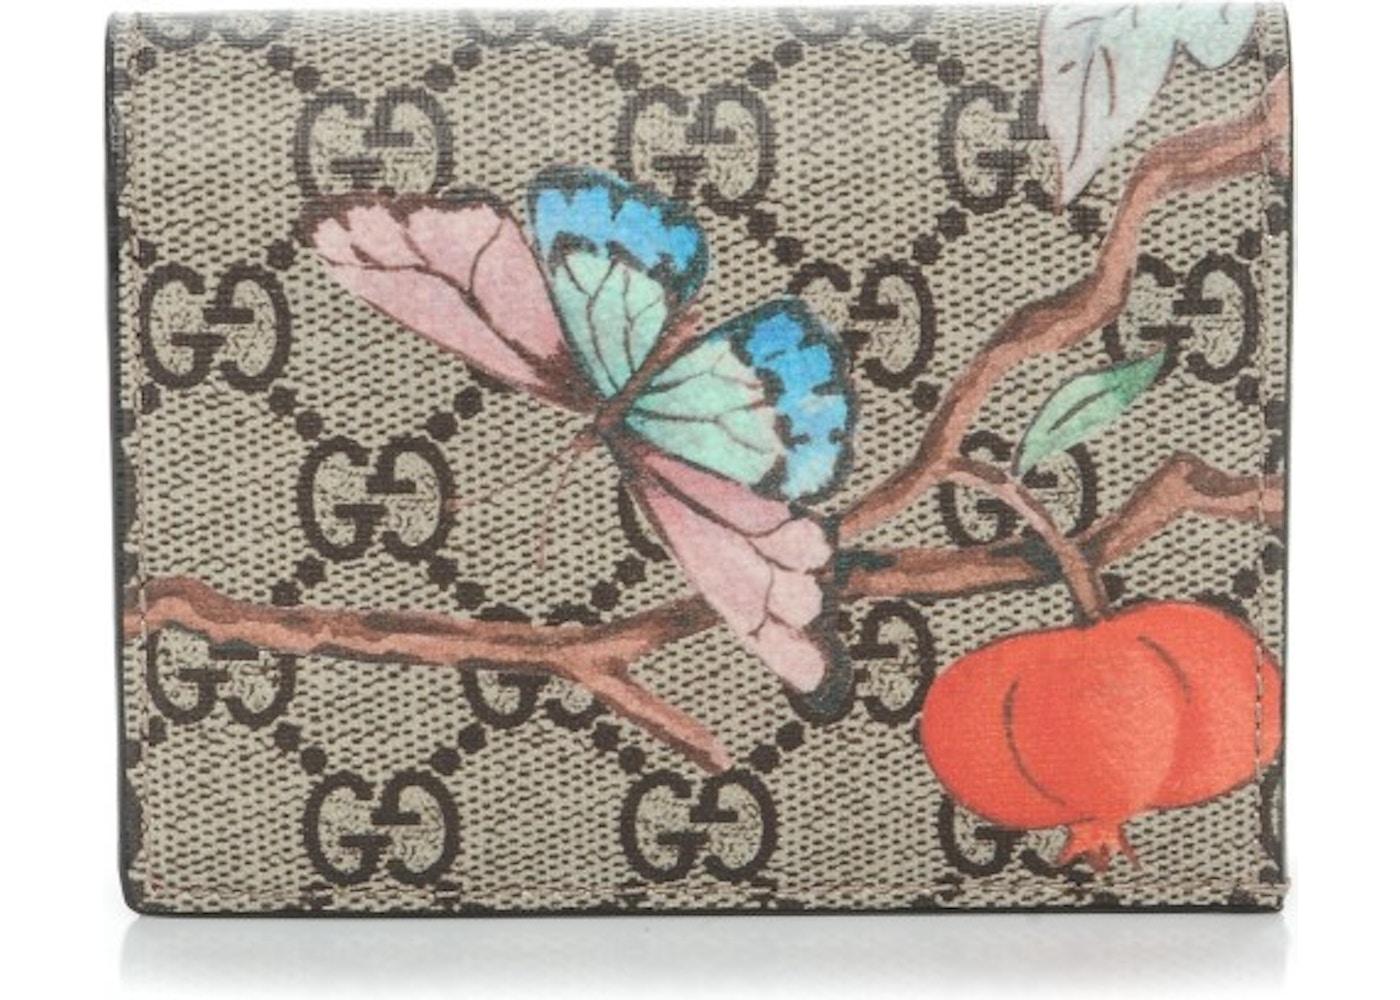 276ebc14fbc55a Gucci Card Case Wallet Monogram GG Supreme Tian Print Brown ...